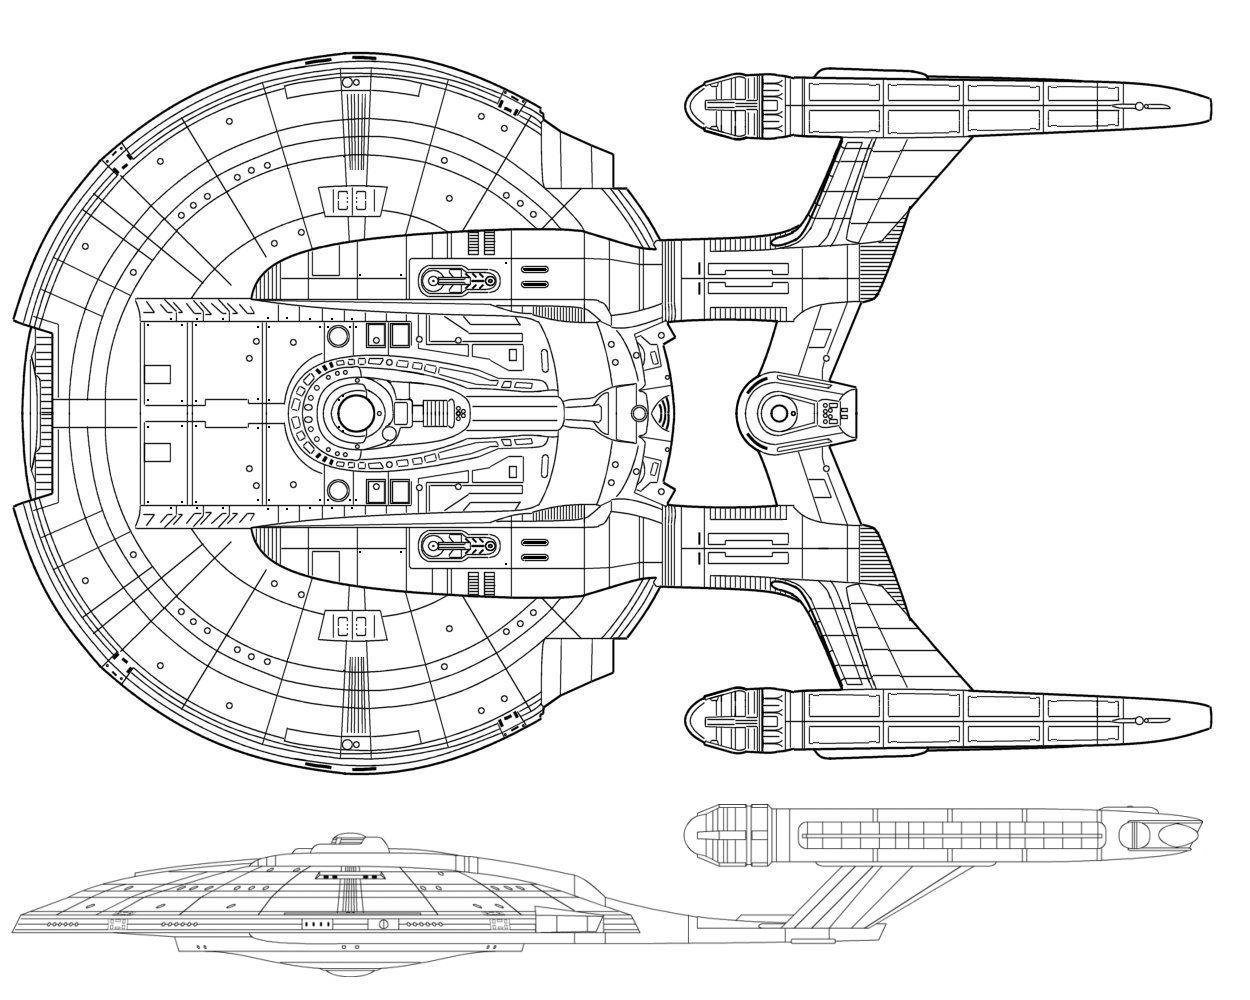 http://www.utopiaplanitia.info/blueprints/nx01/original